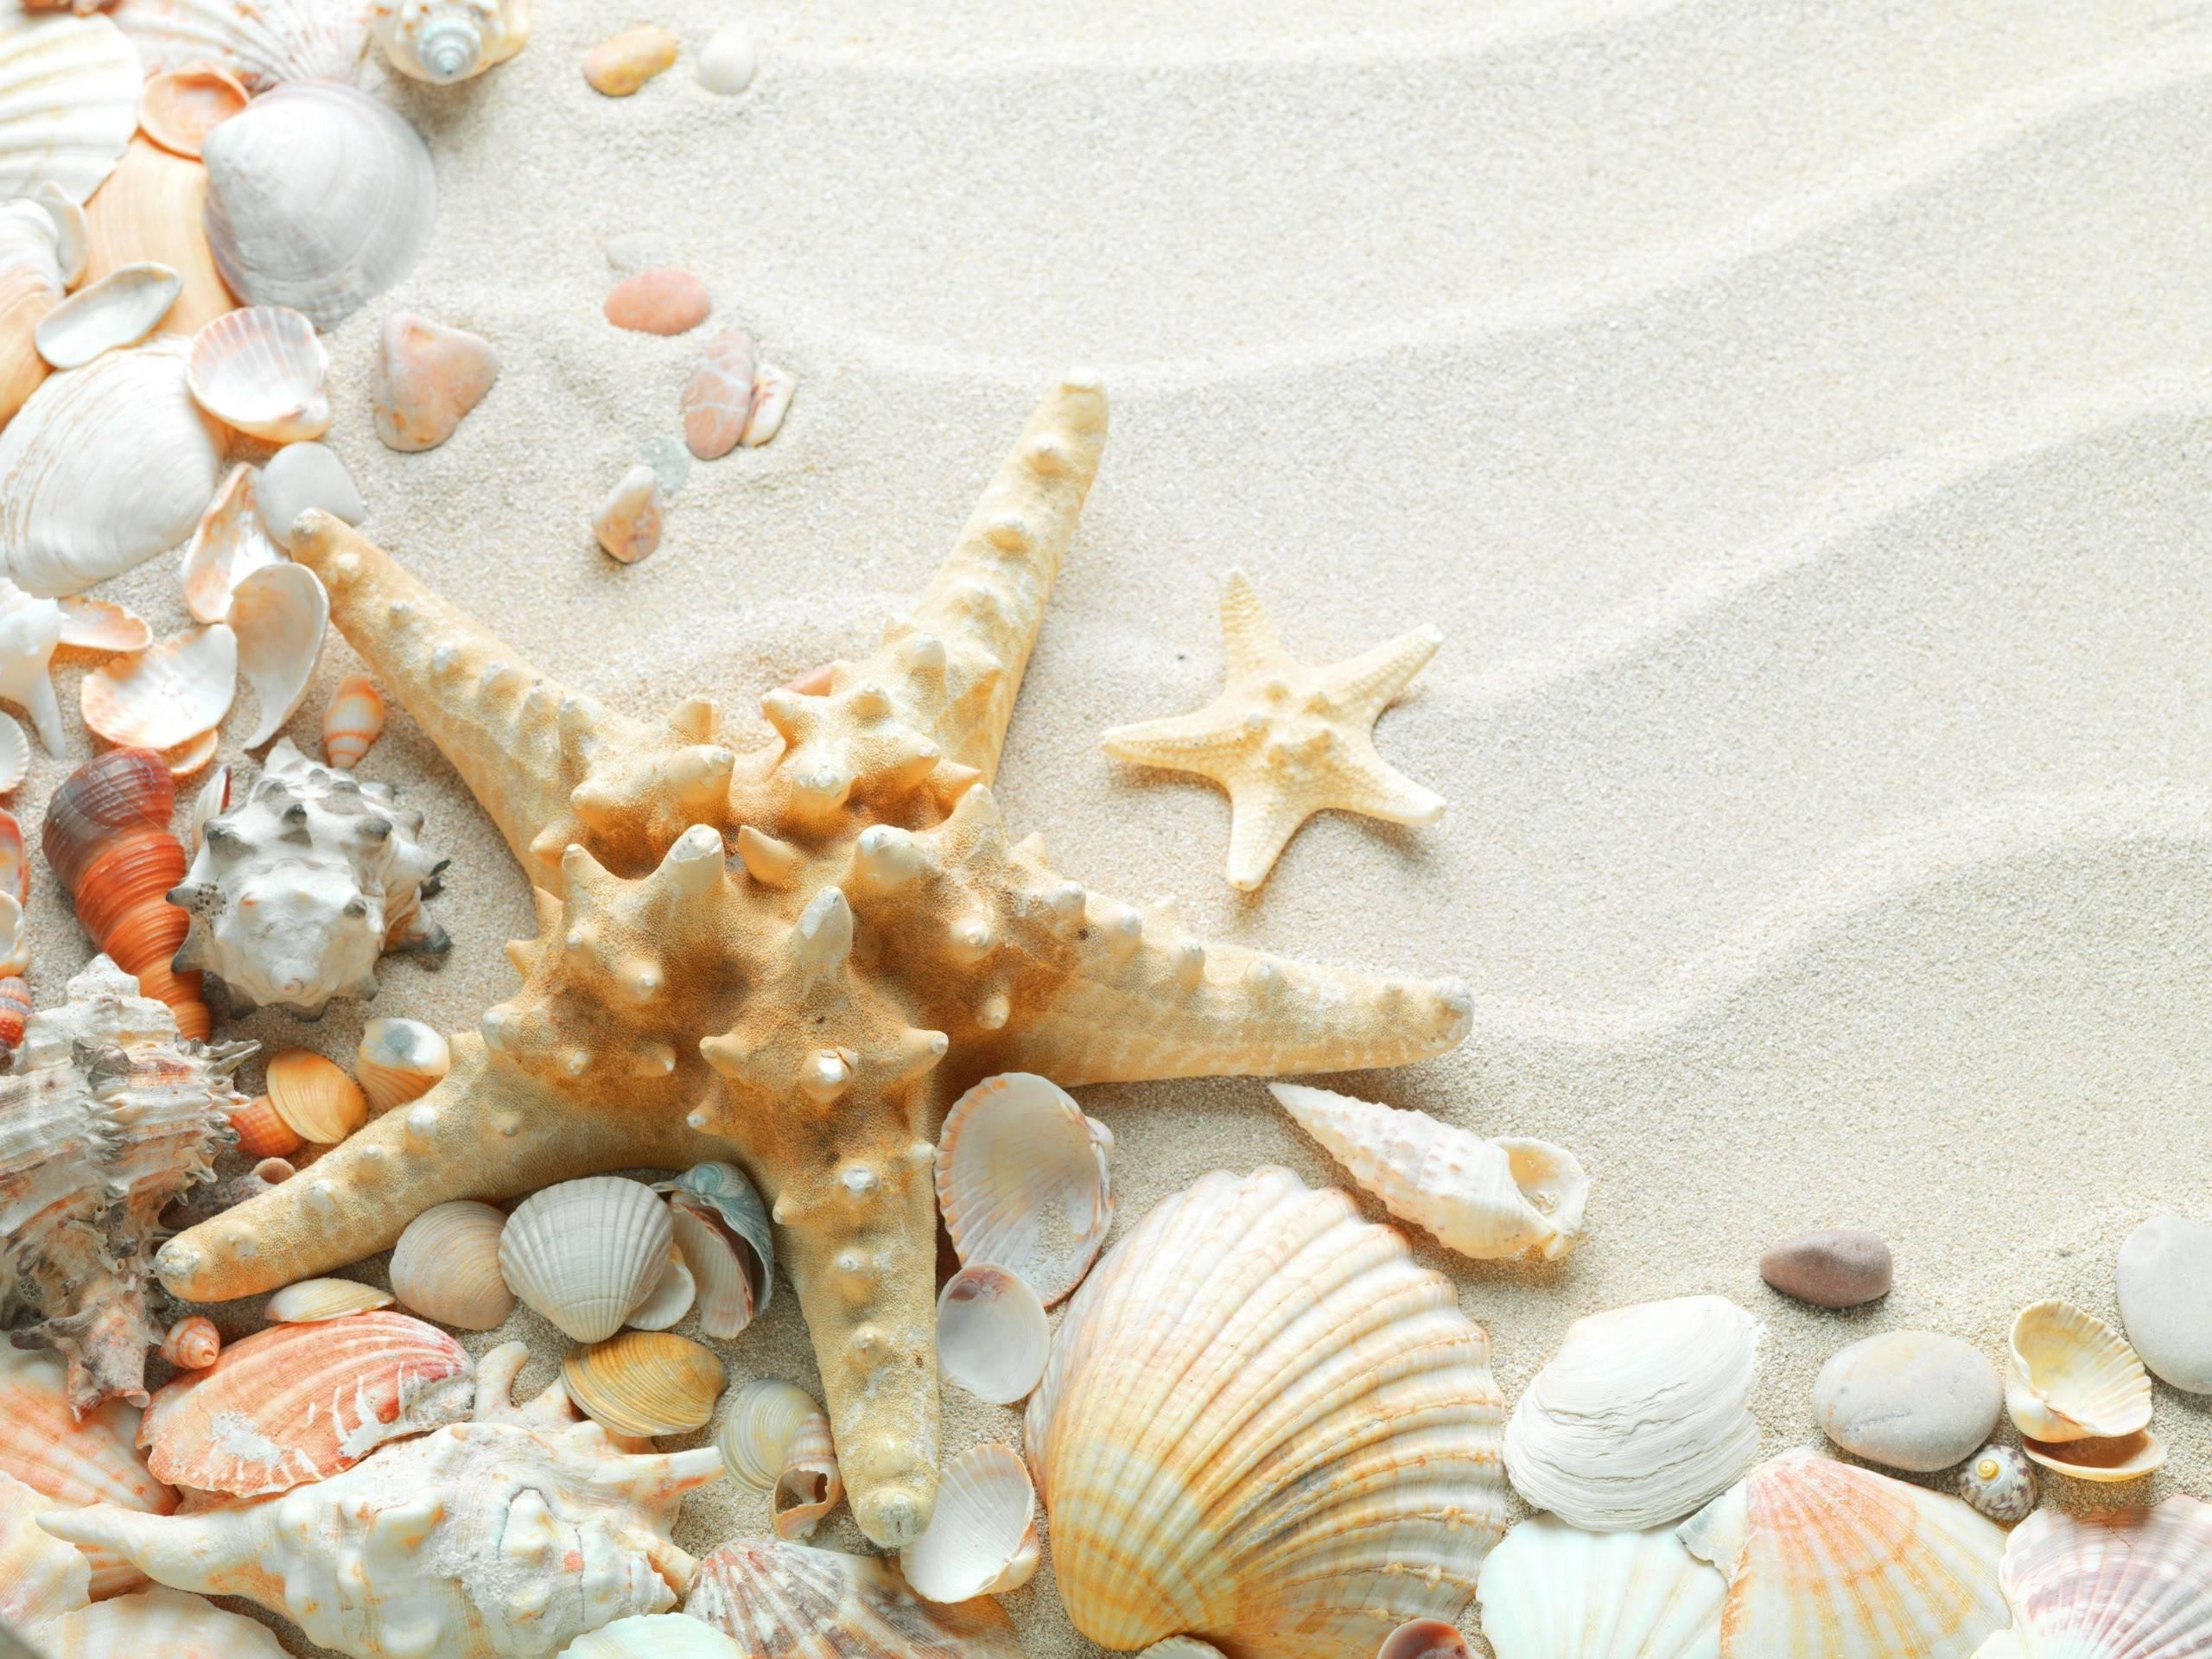 Seashells wallpaper 24 - Sea Shells Hd Wallpaper